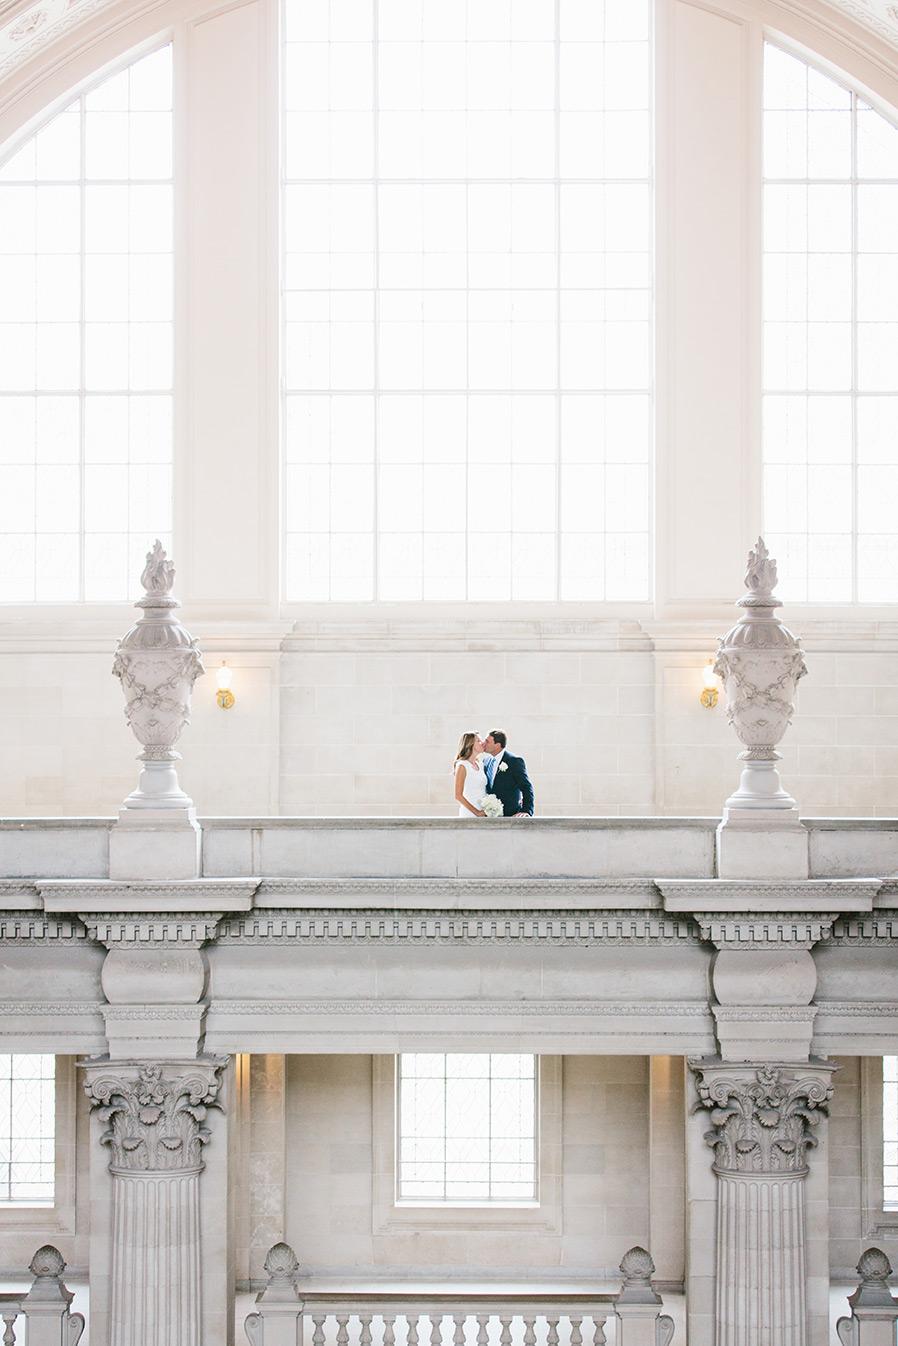 A wedding couple share a kiss on the fourth floor balcony.